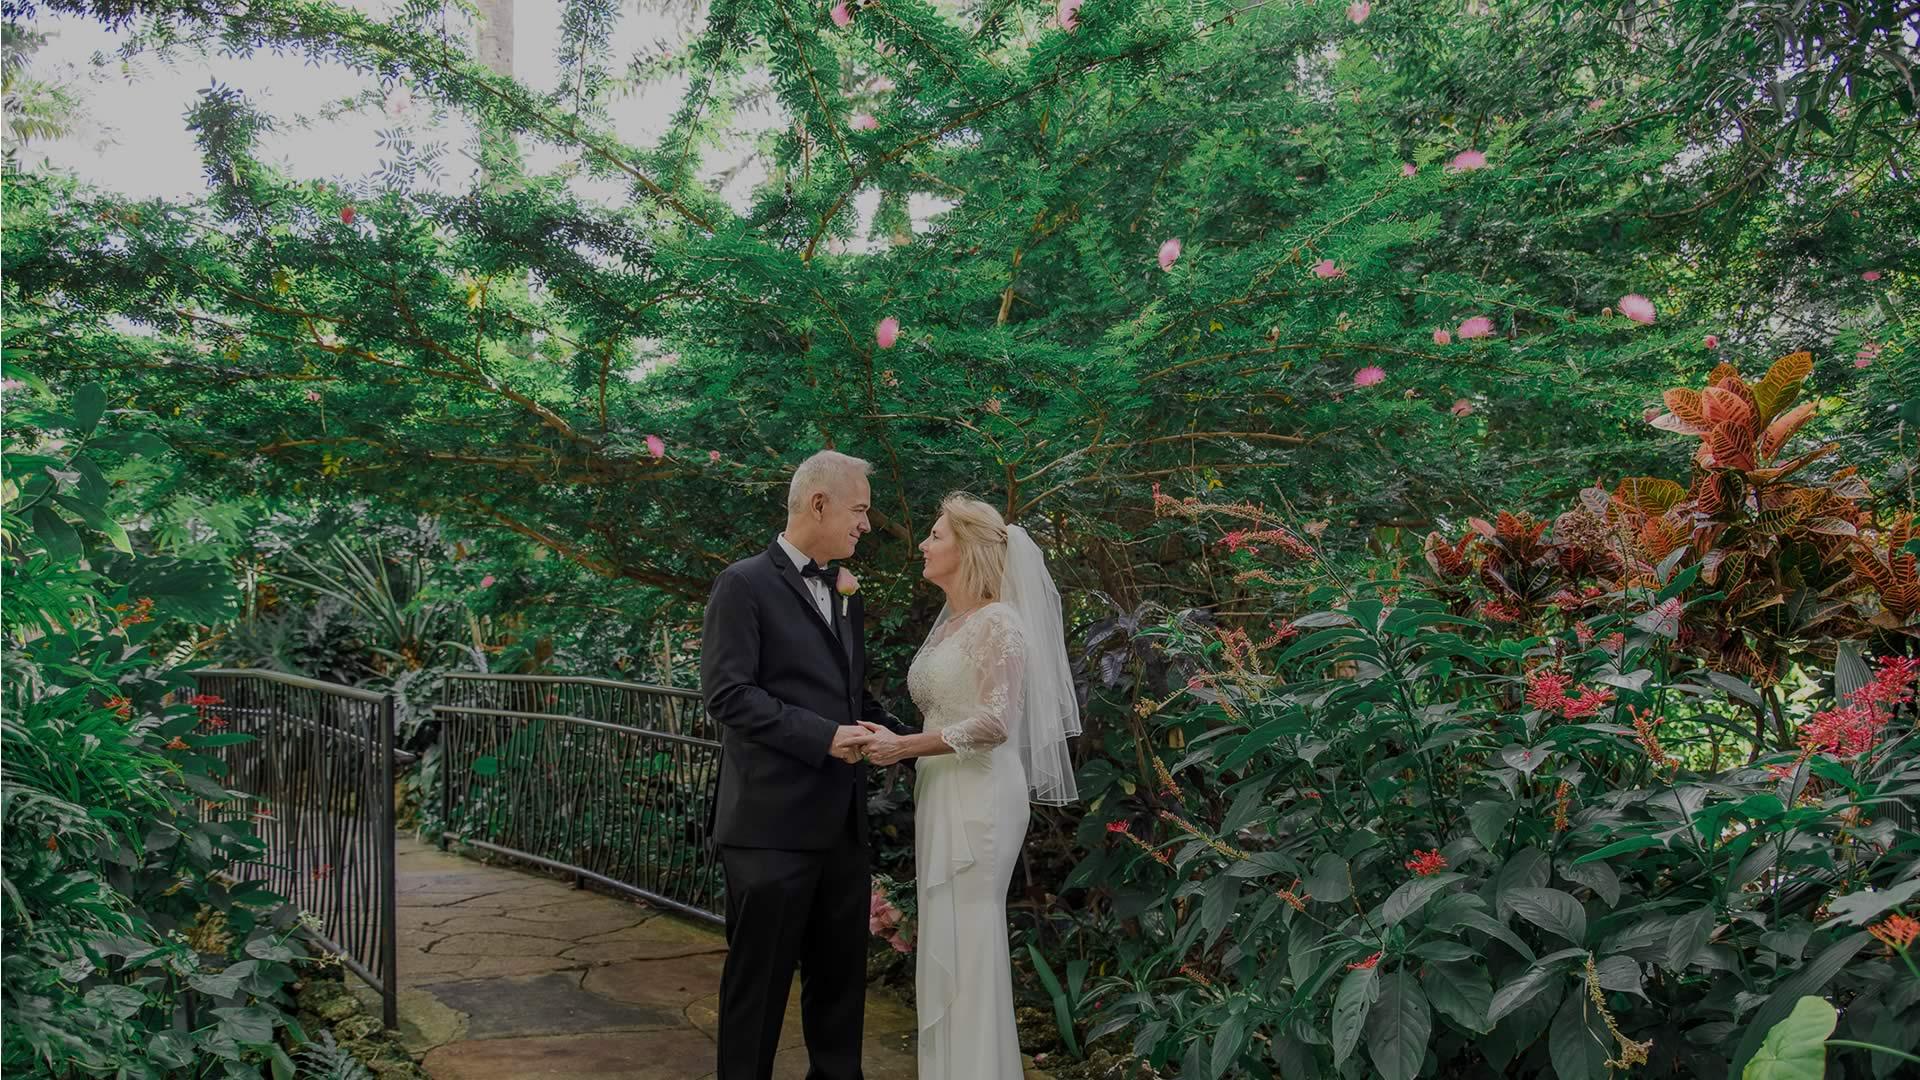 Sunken Gardens - Sensational Ceremonies